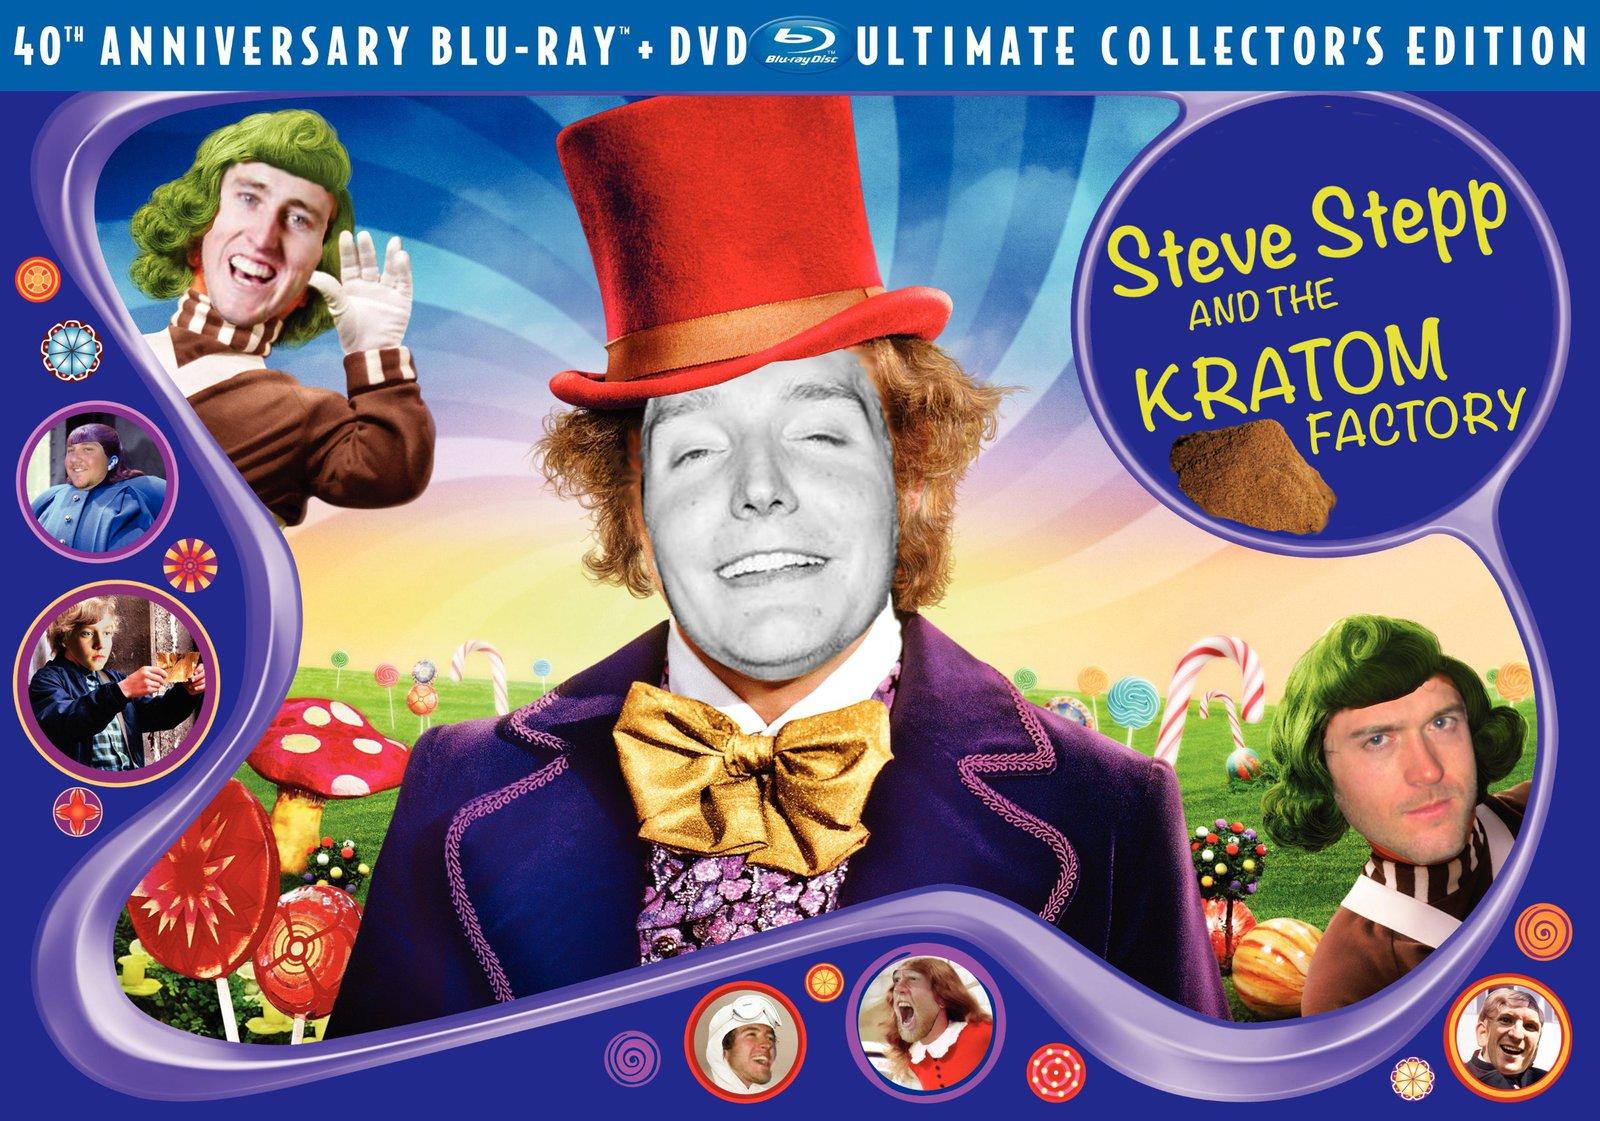 Steve Stepp and the Kratom Factory